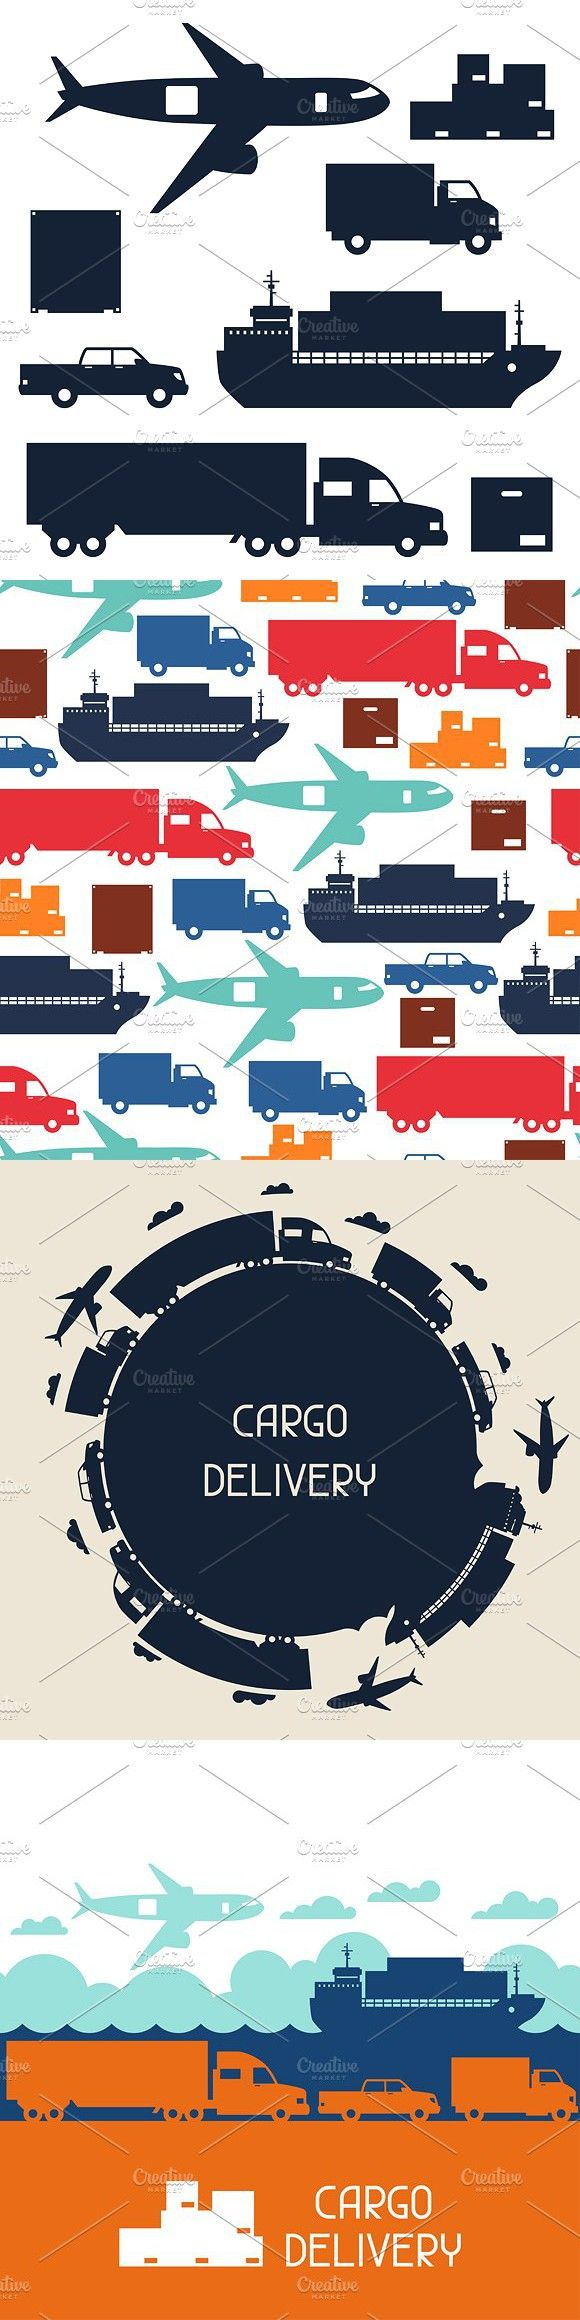 Freight Cargo Transport Cargo Transport Transportation Container Design